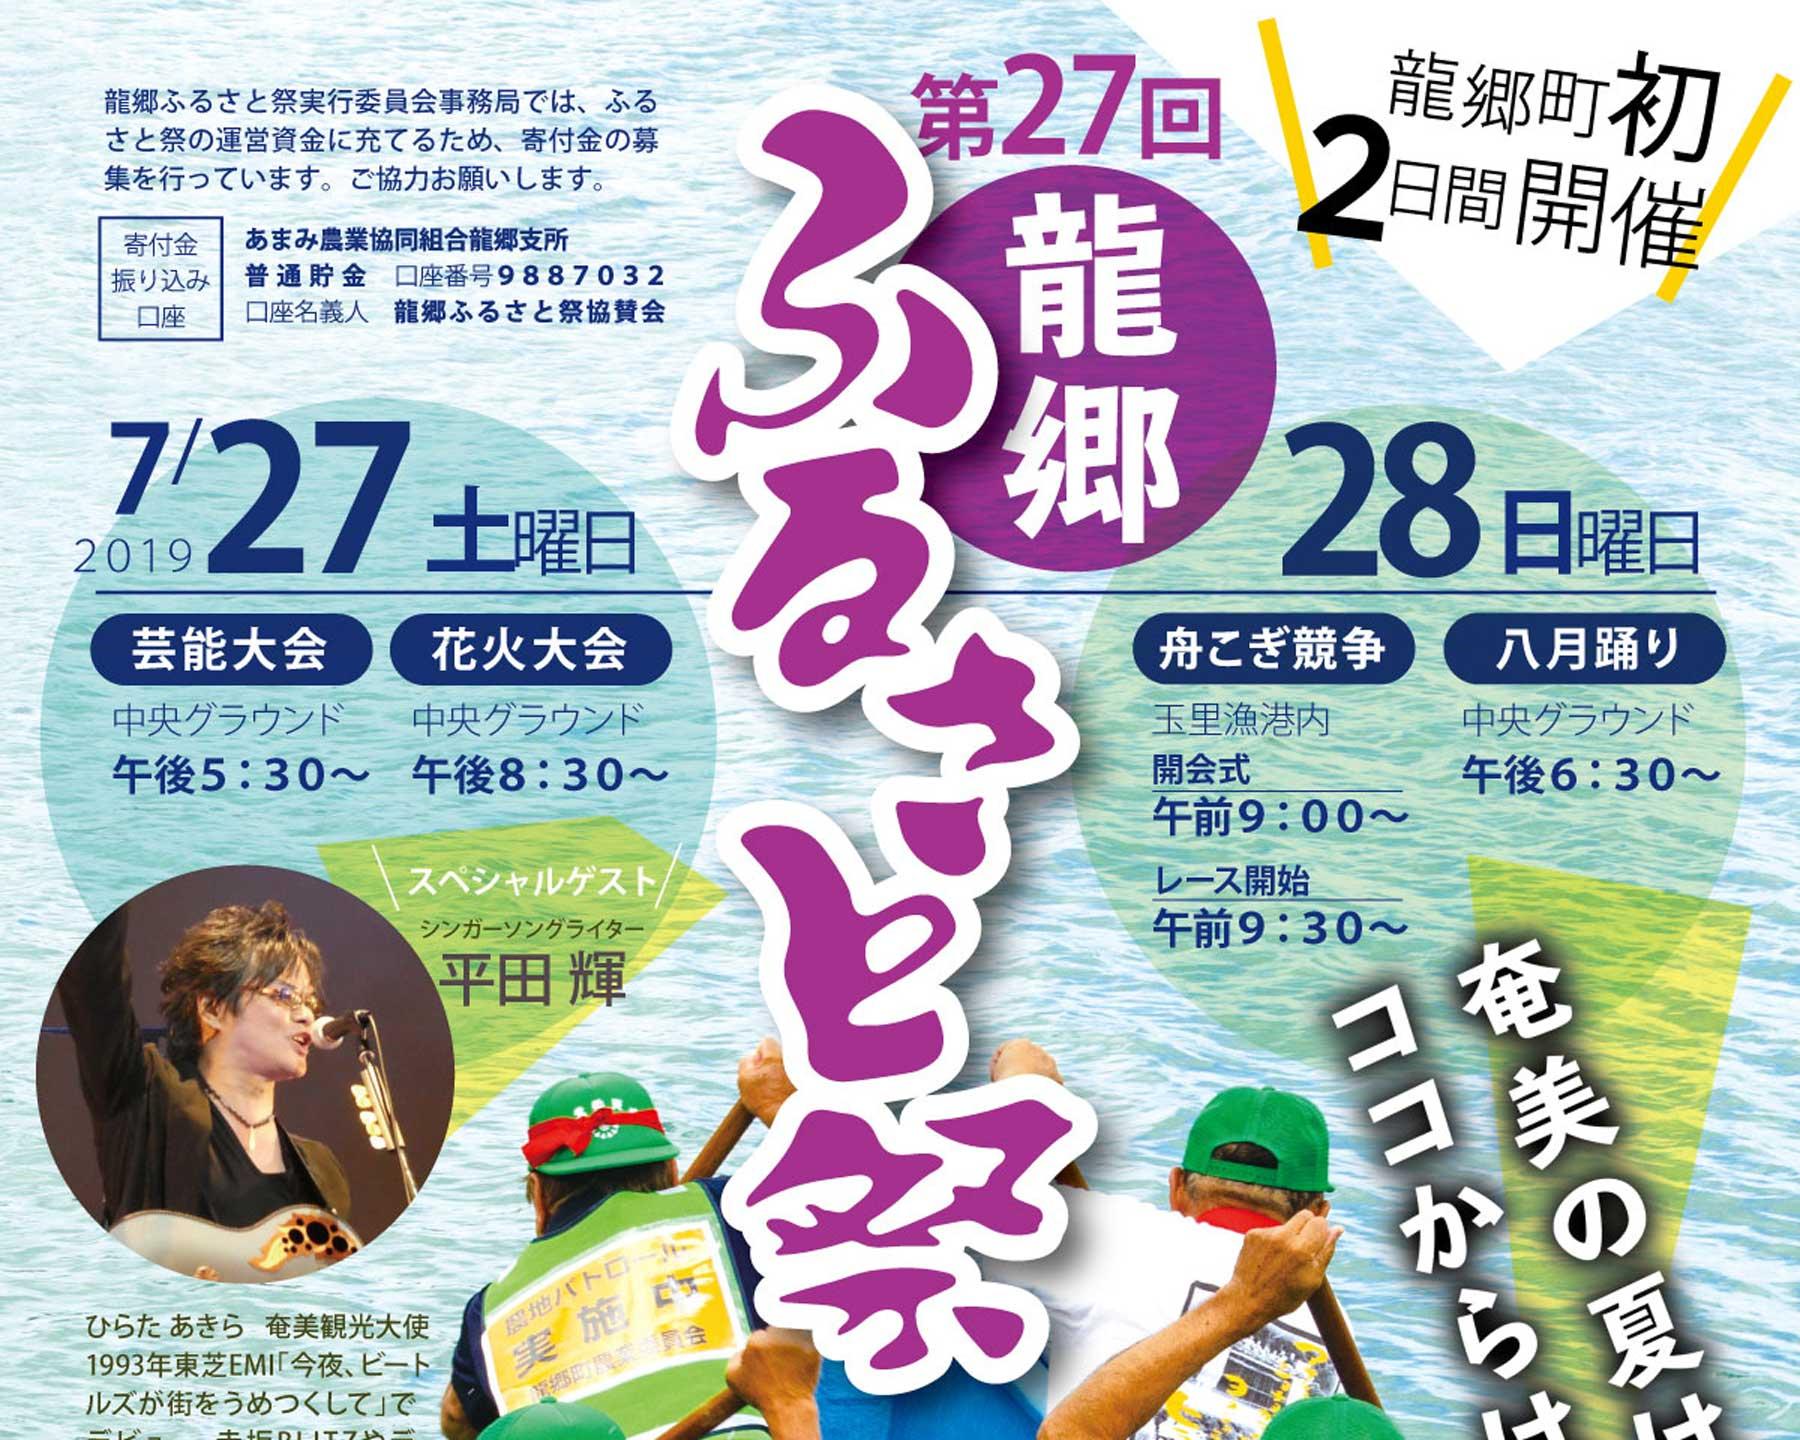 奄美大島に夏祭りシーズン到来